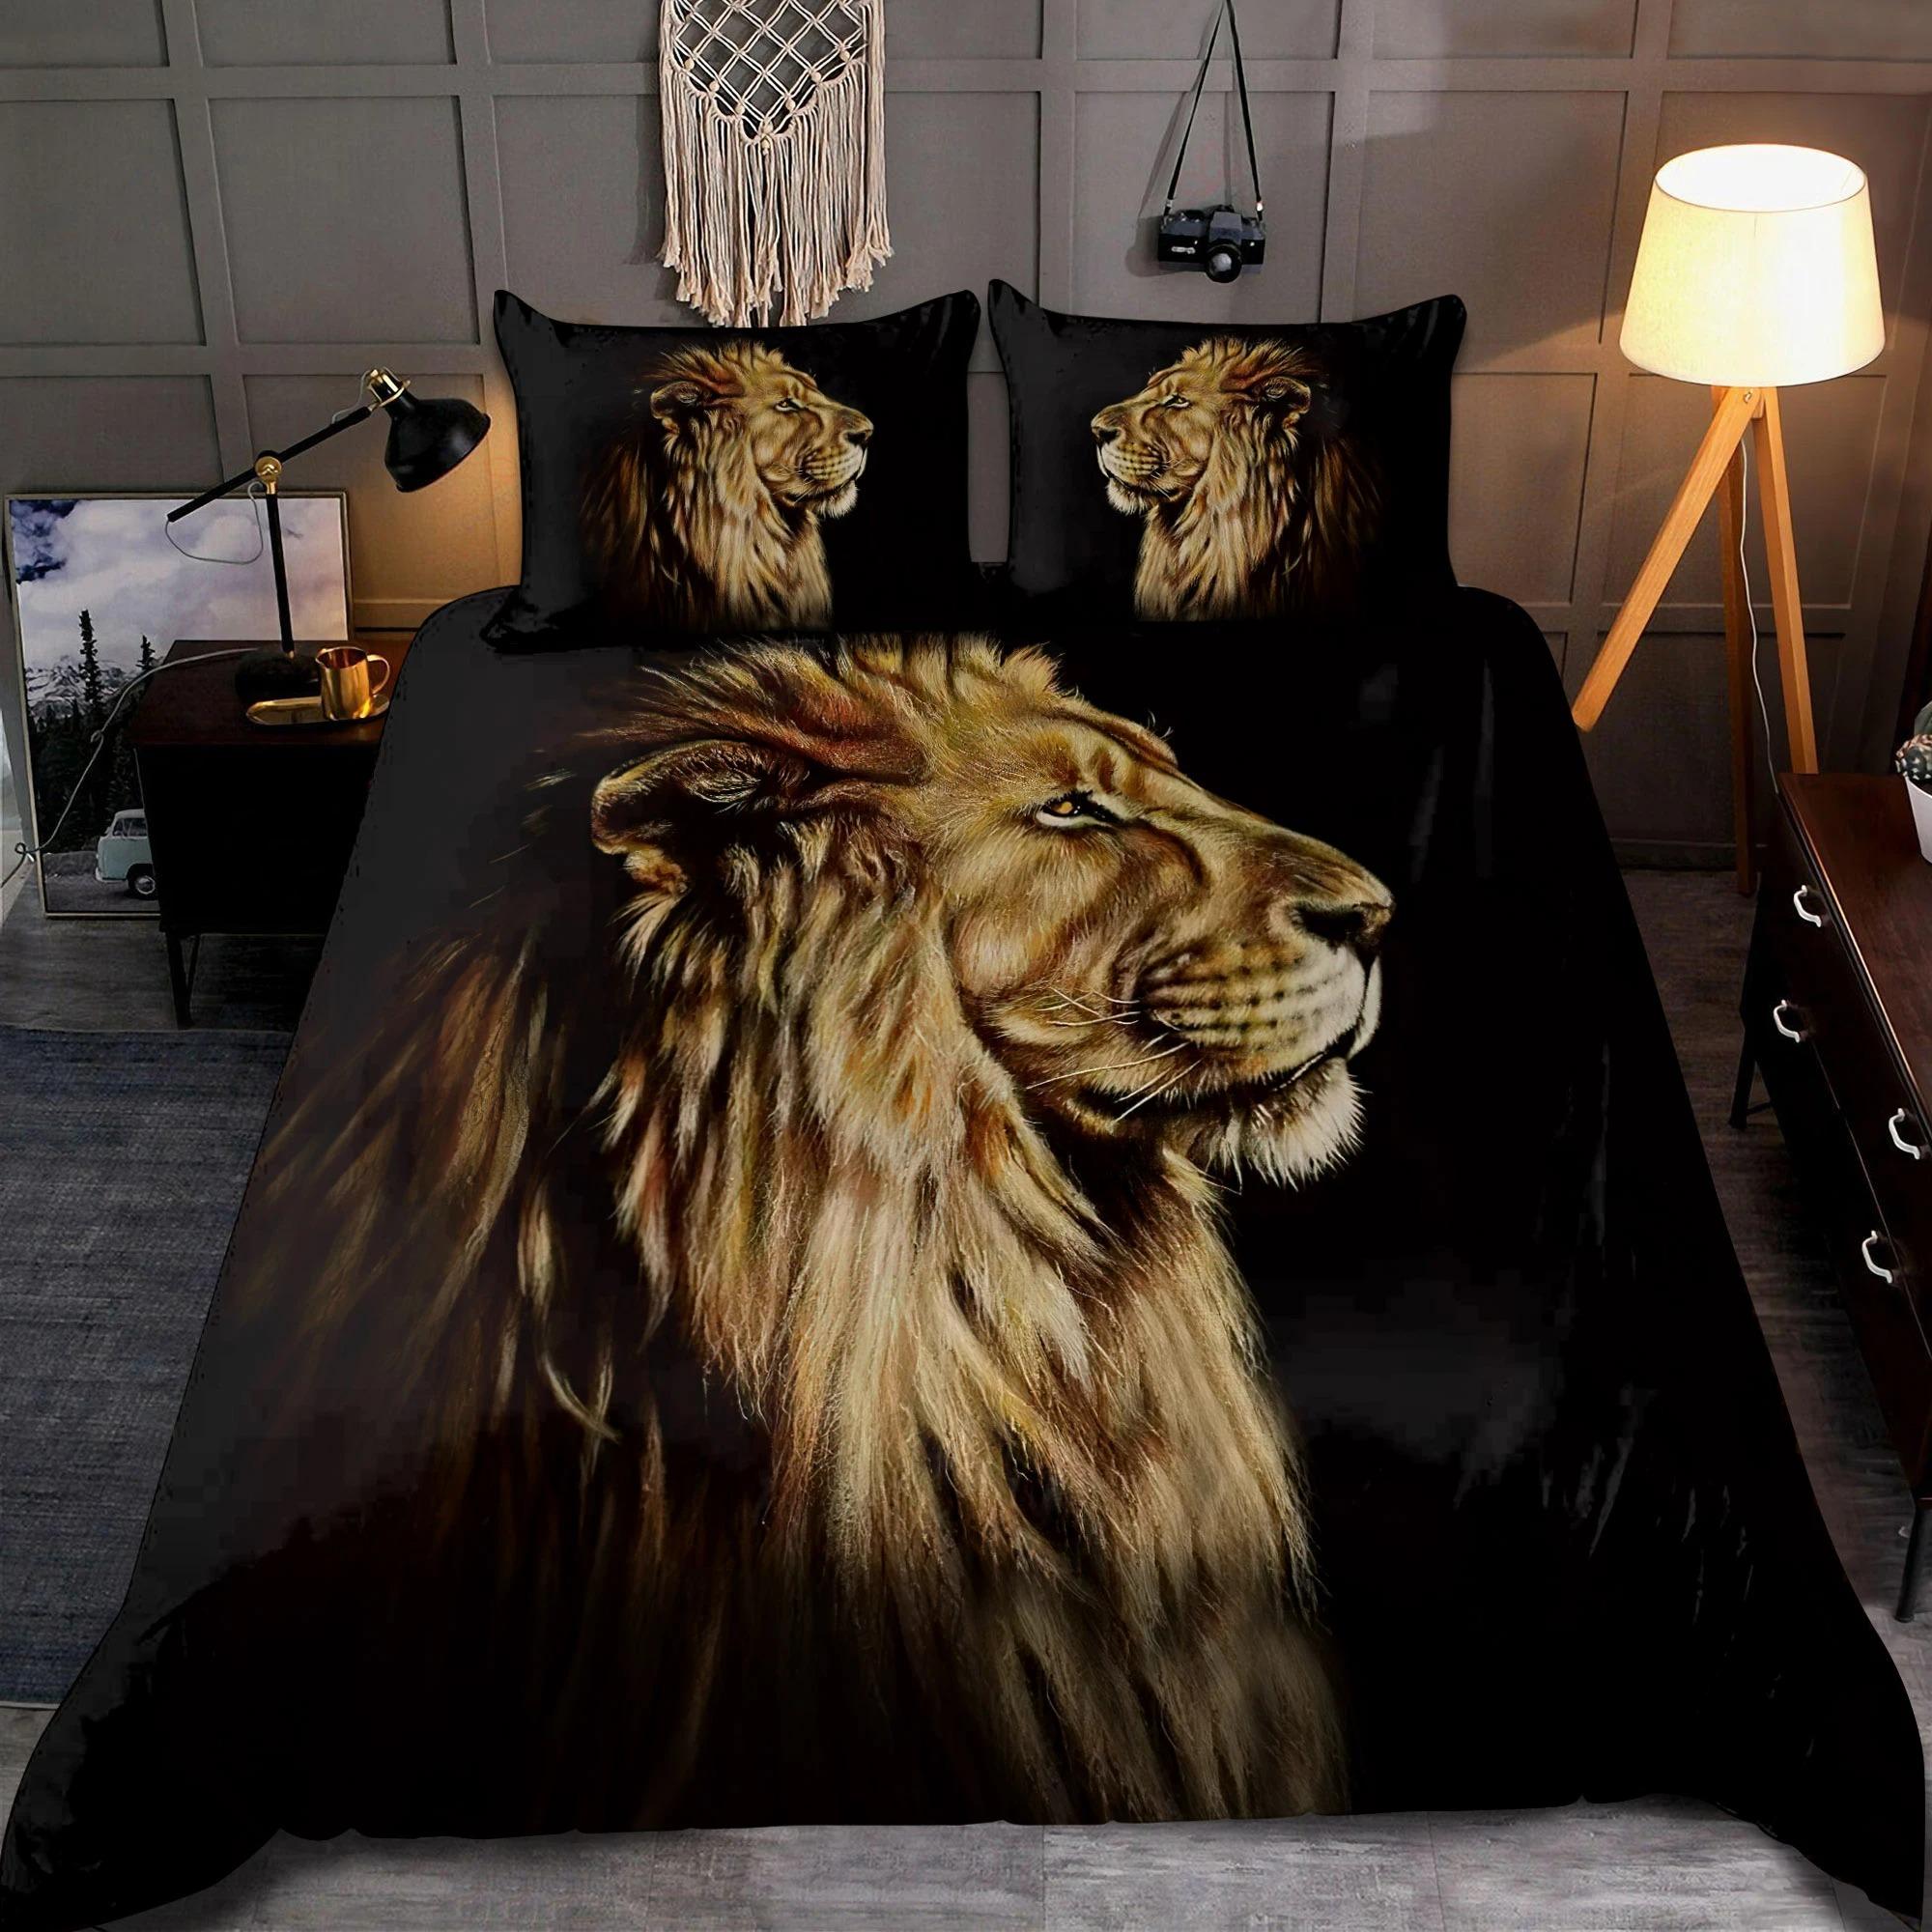 Lion King Portrait Bedding Set